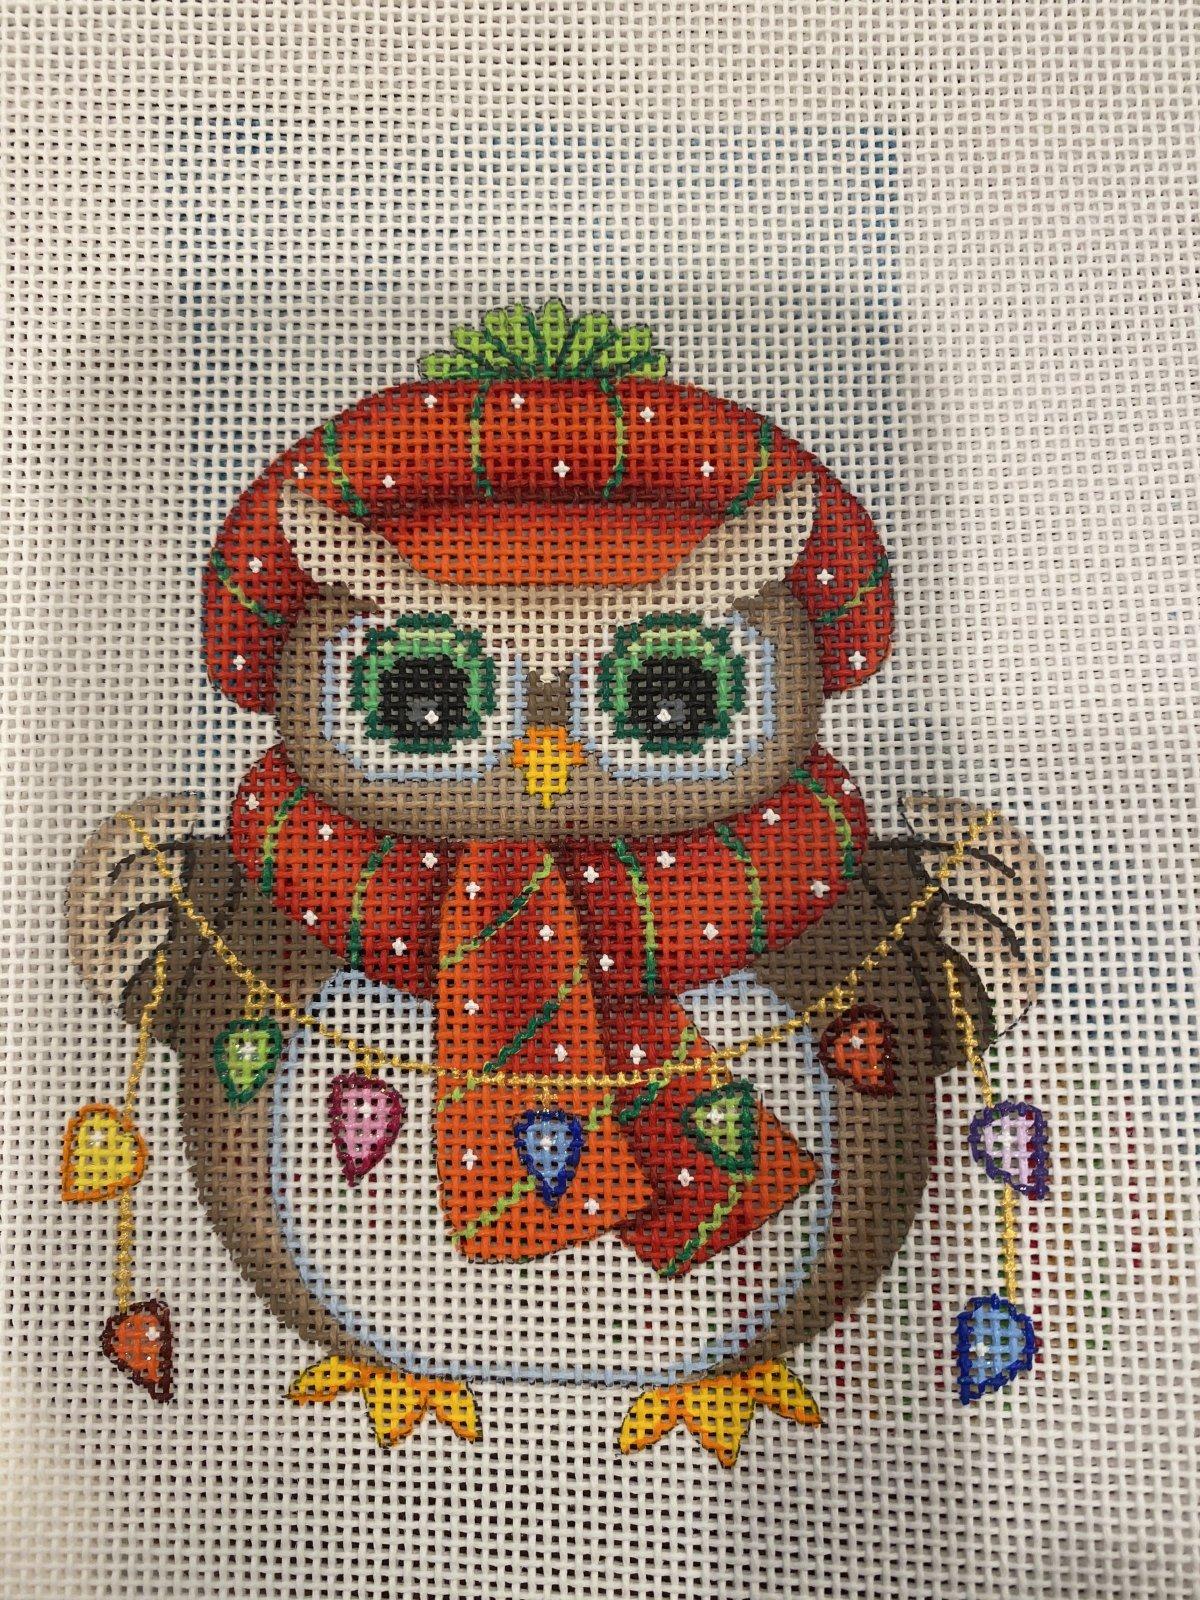 Mini Christmas Owl with Lights